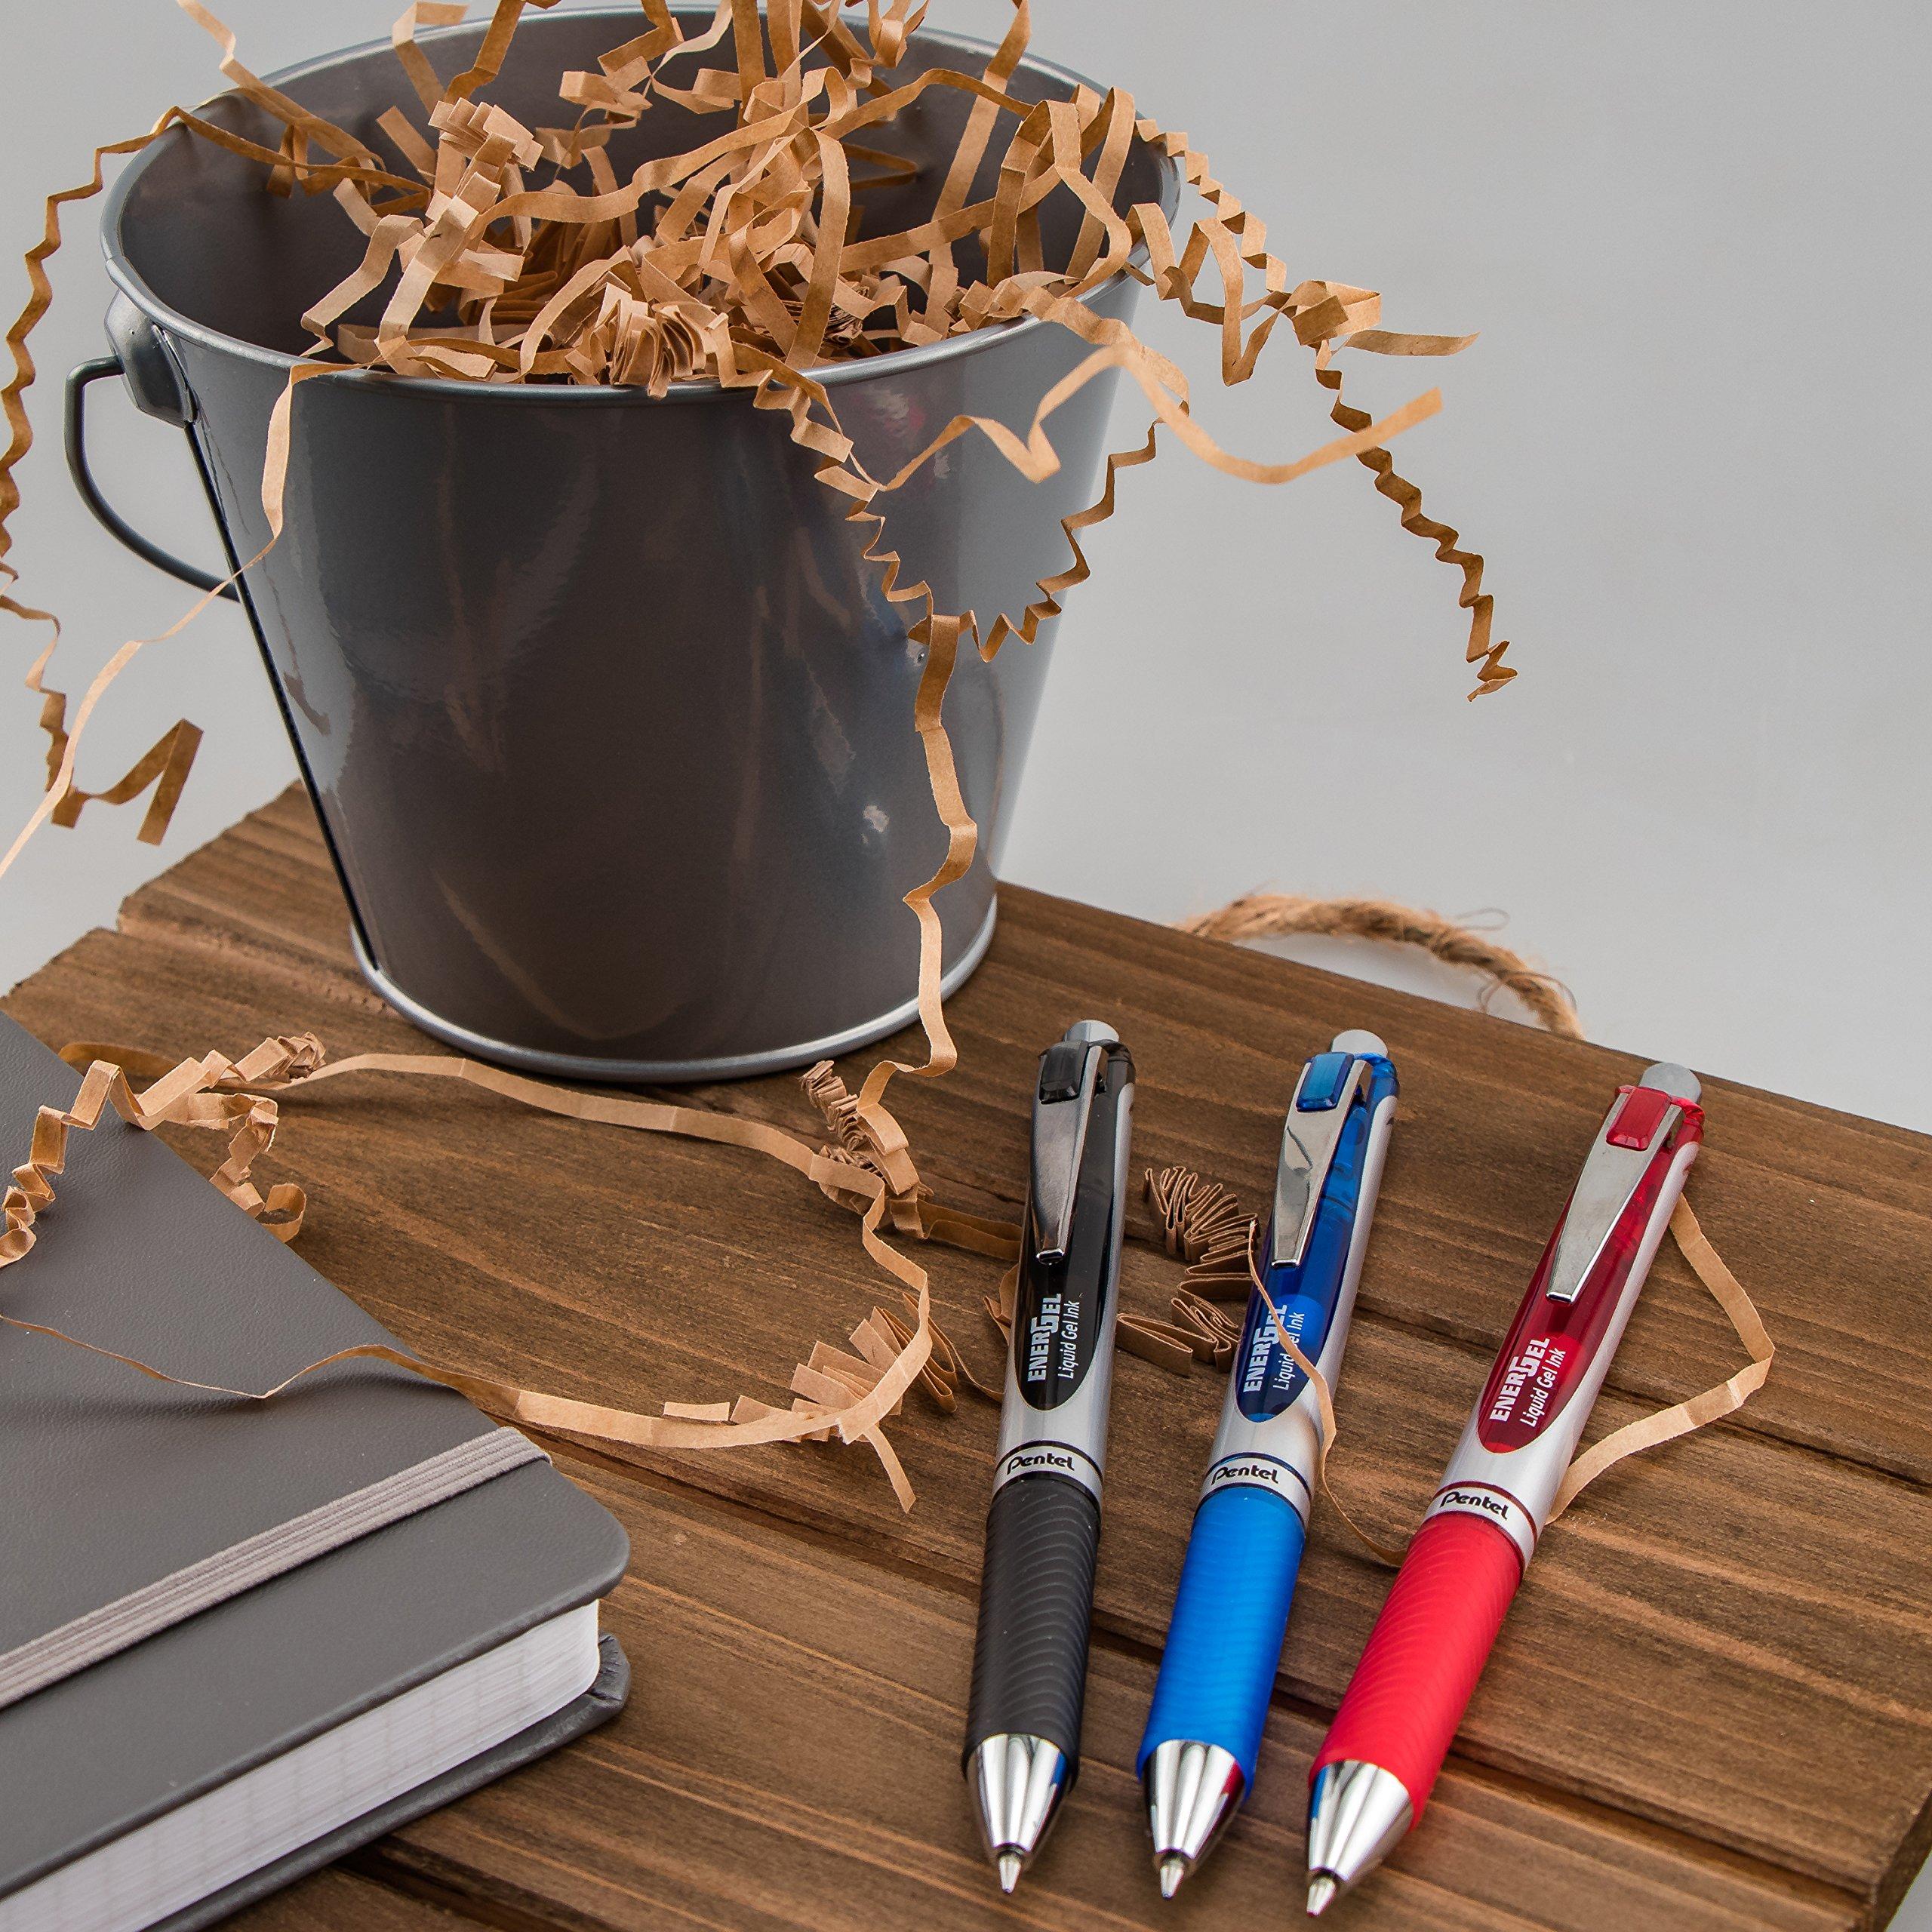 Pentel EnerGel RTX Retractable Liquid Gel Pen, 0.7mm Medium Line, Metal Tip, Black Ink, 12 Pack (BL77-A) by Pentel (Image #8)